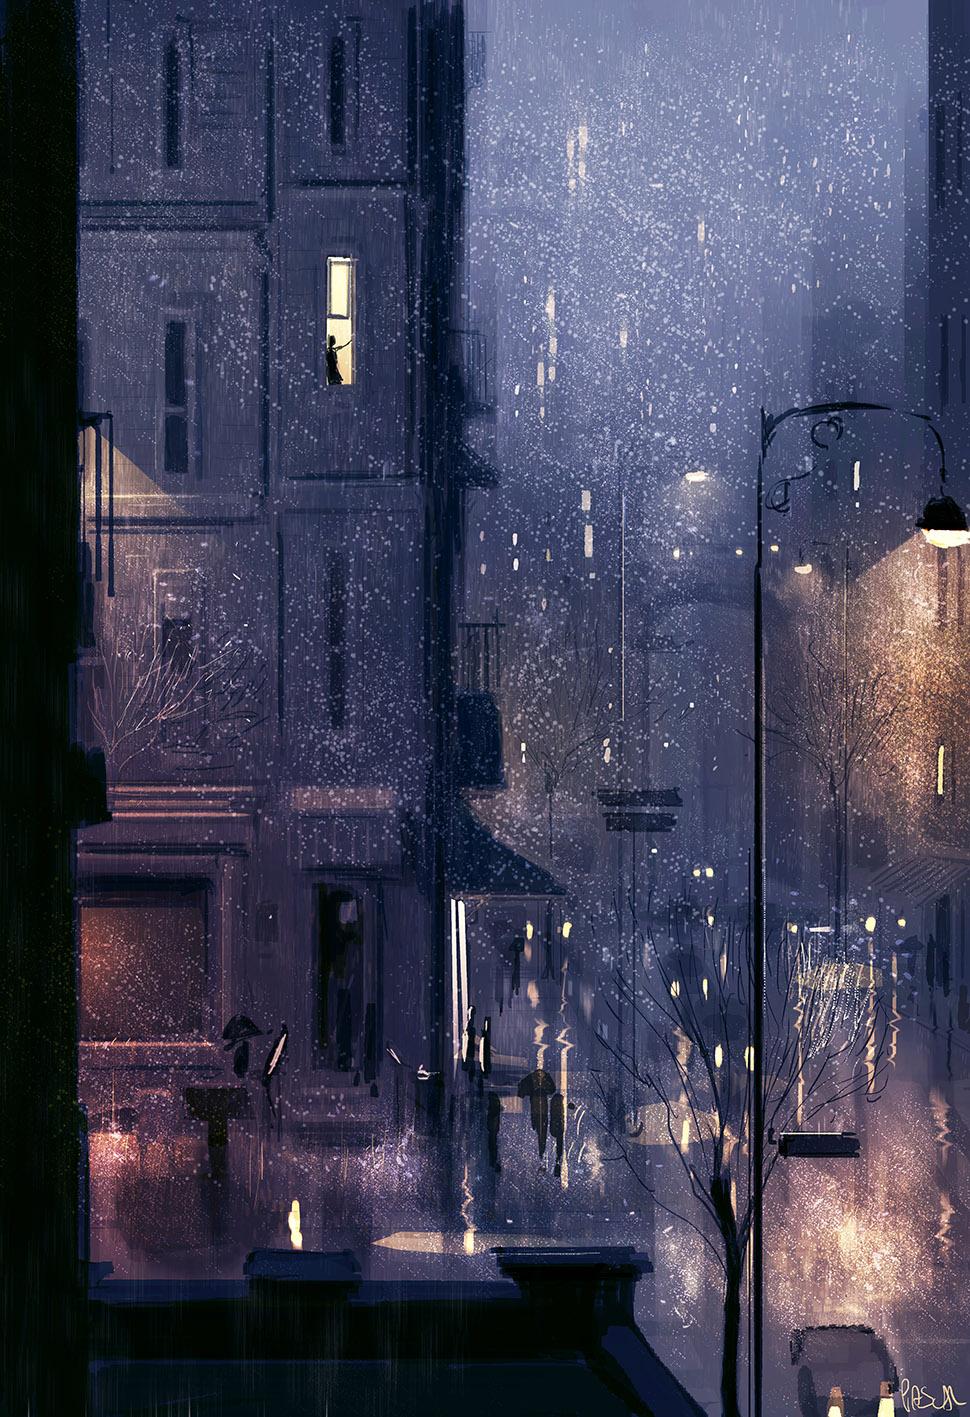 Rainy January by PascalCampion